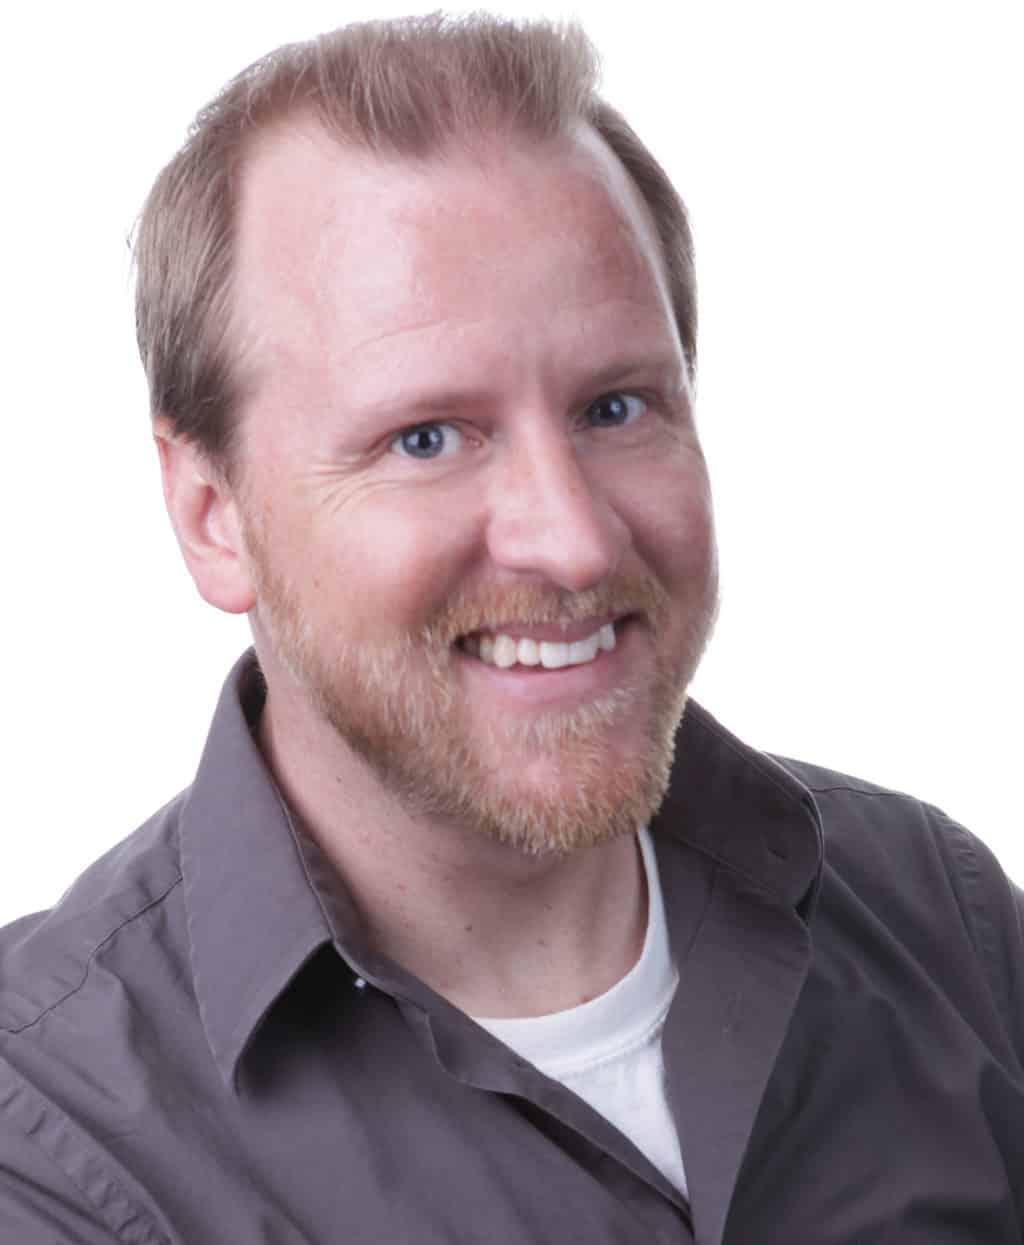 Jason Murphy, Jason M. Murphy, Filmmaker